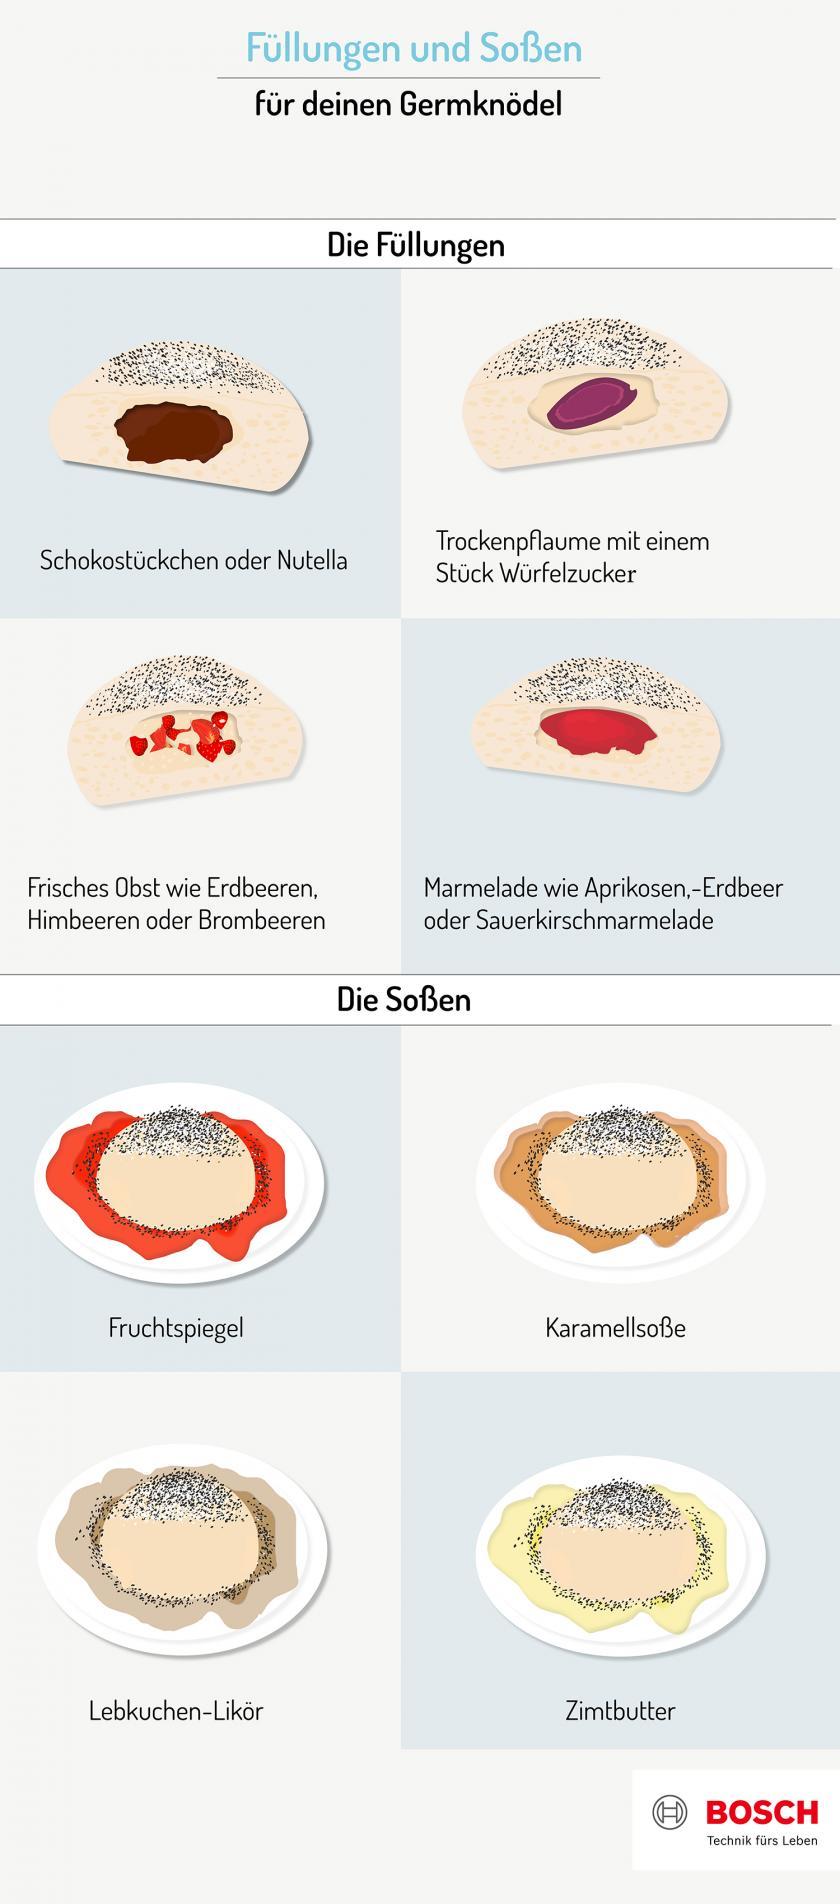 Grafik zu Germknödel Füllungen und Soßen.